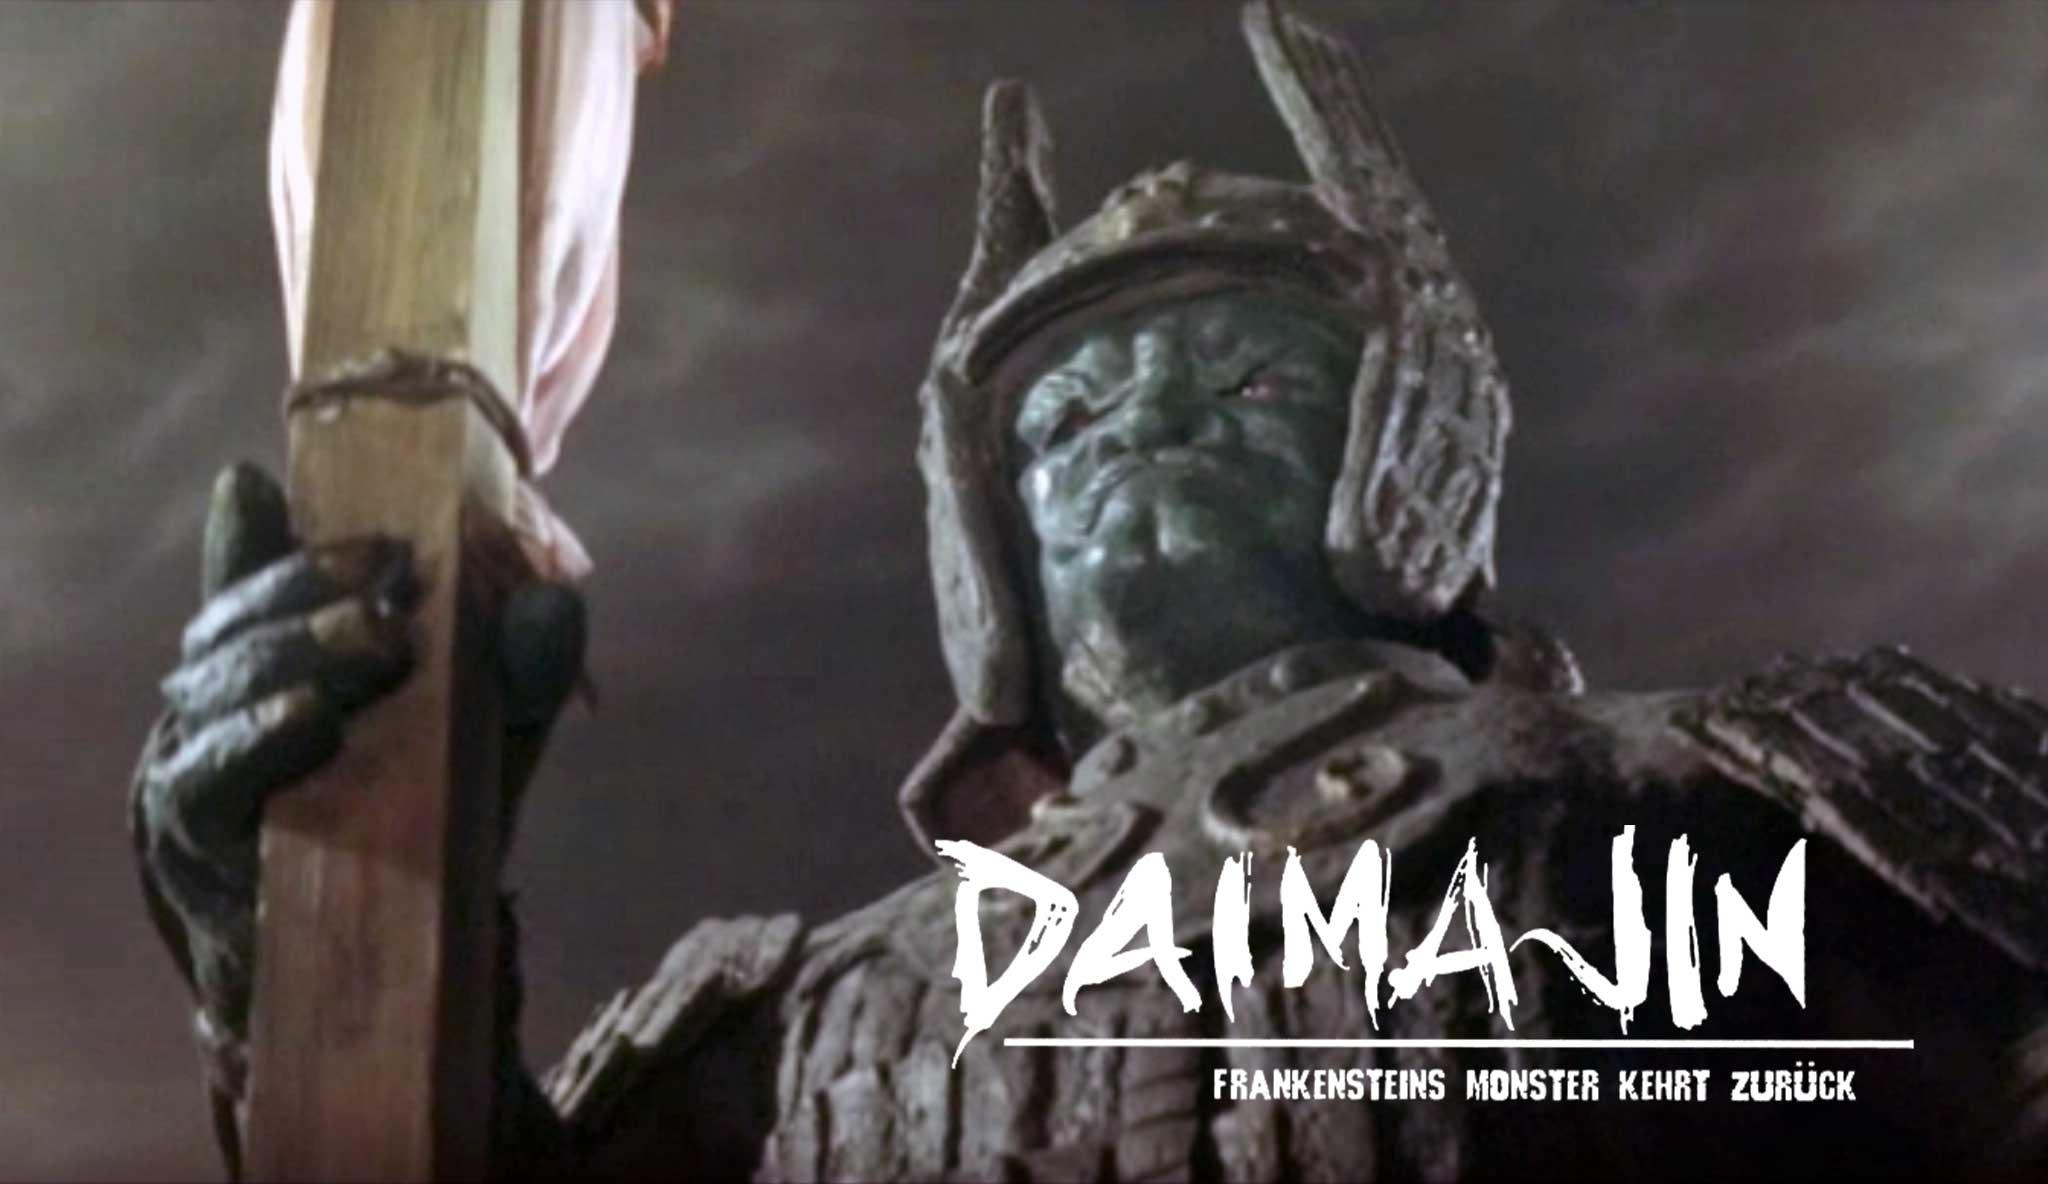 daimajin-frankensteins-monster-kehrt-zuruck\header.jpg